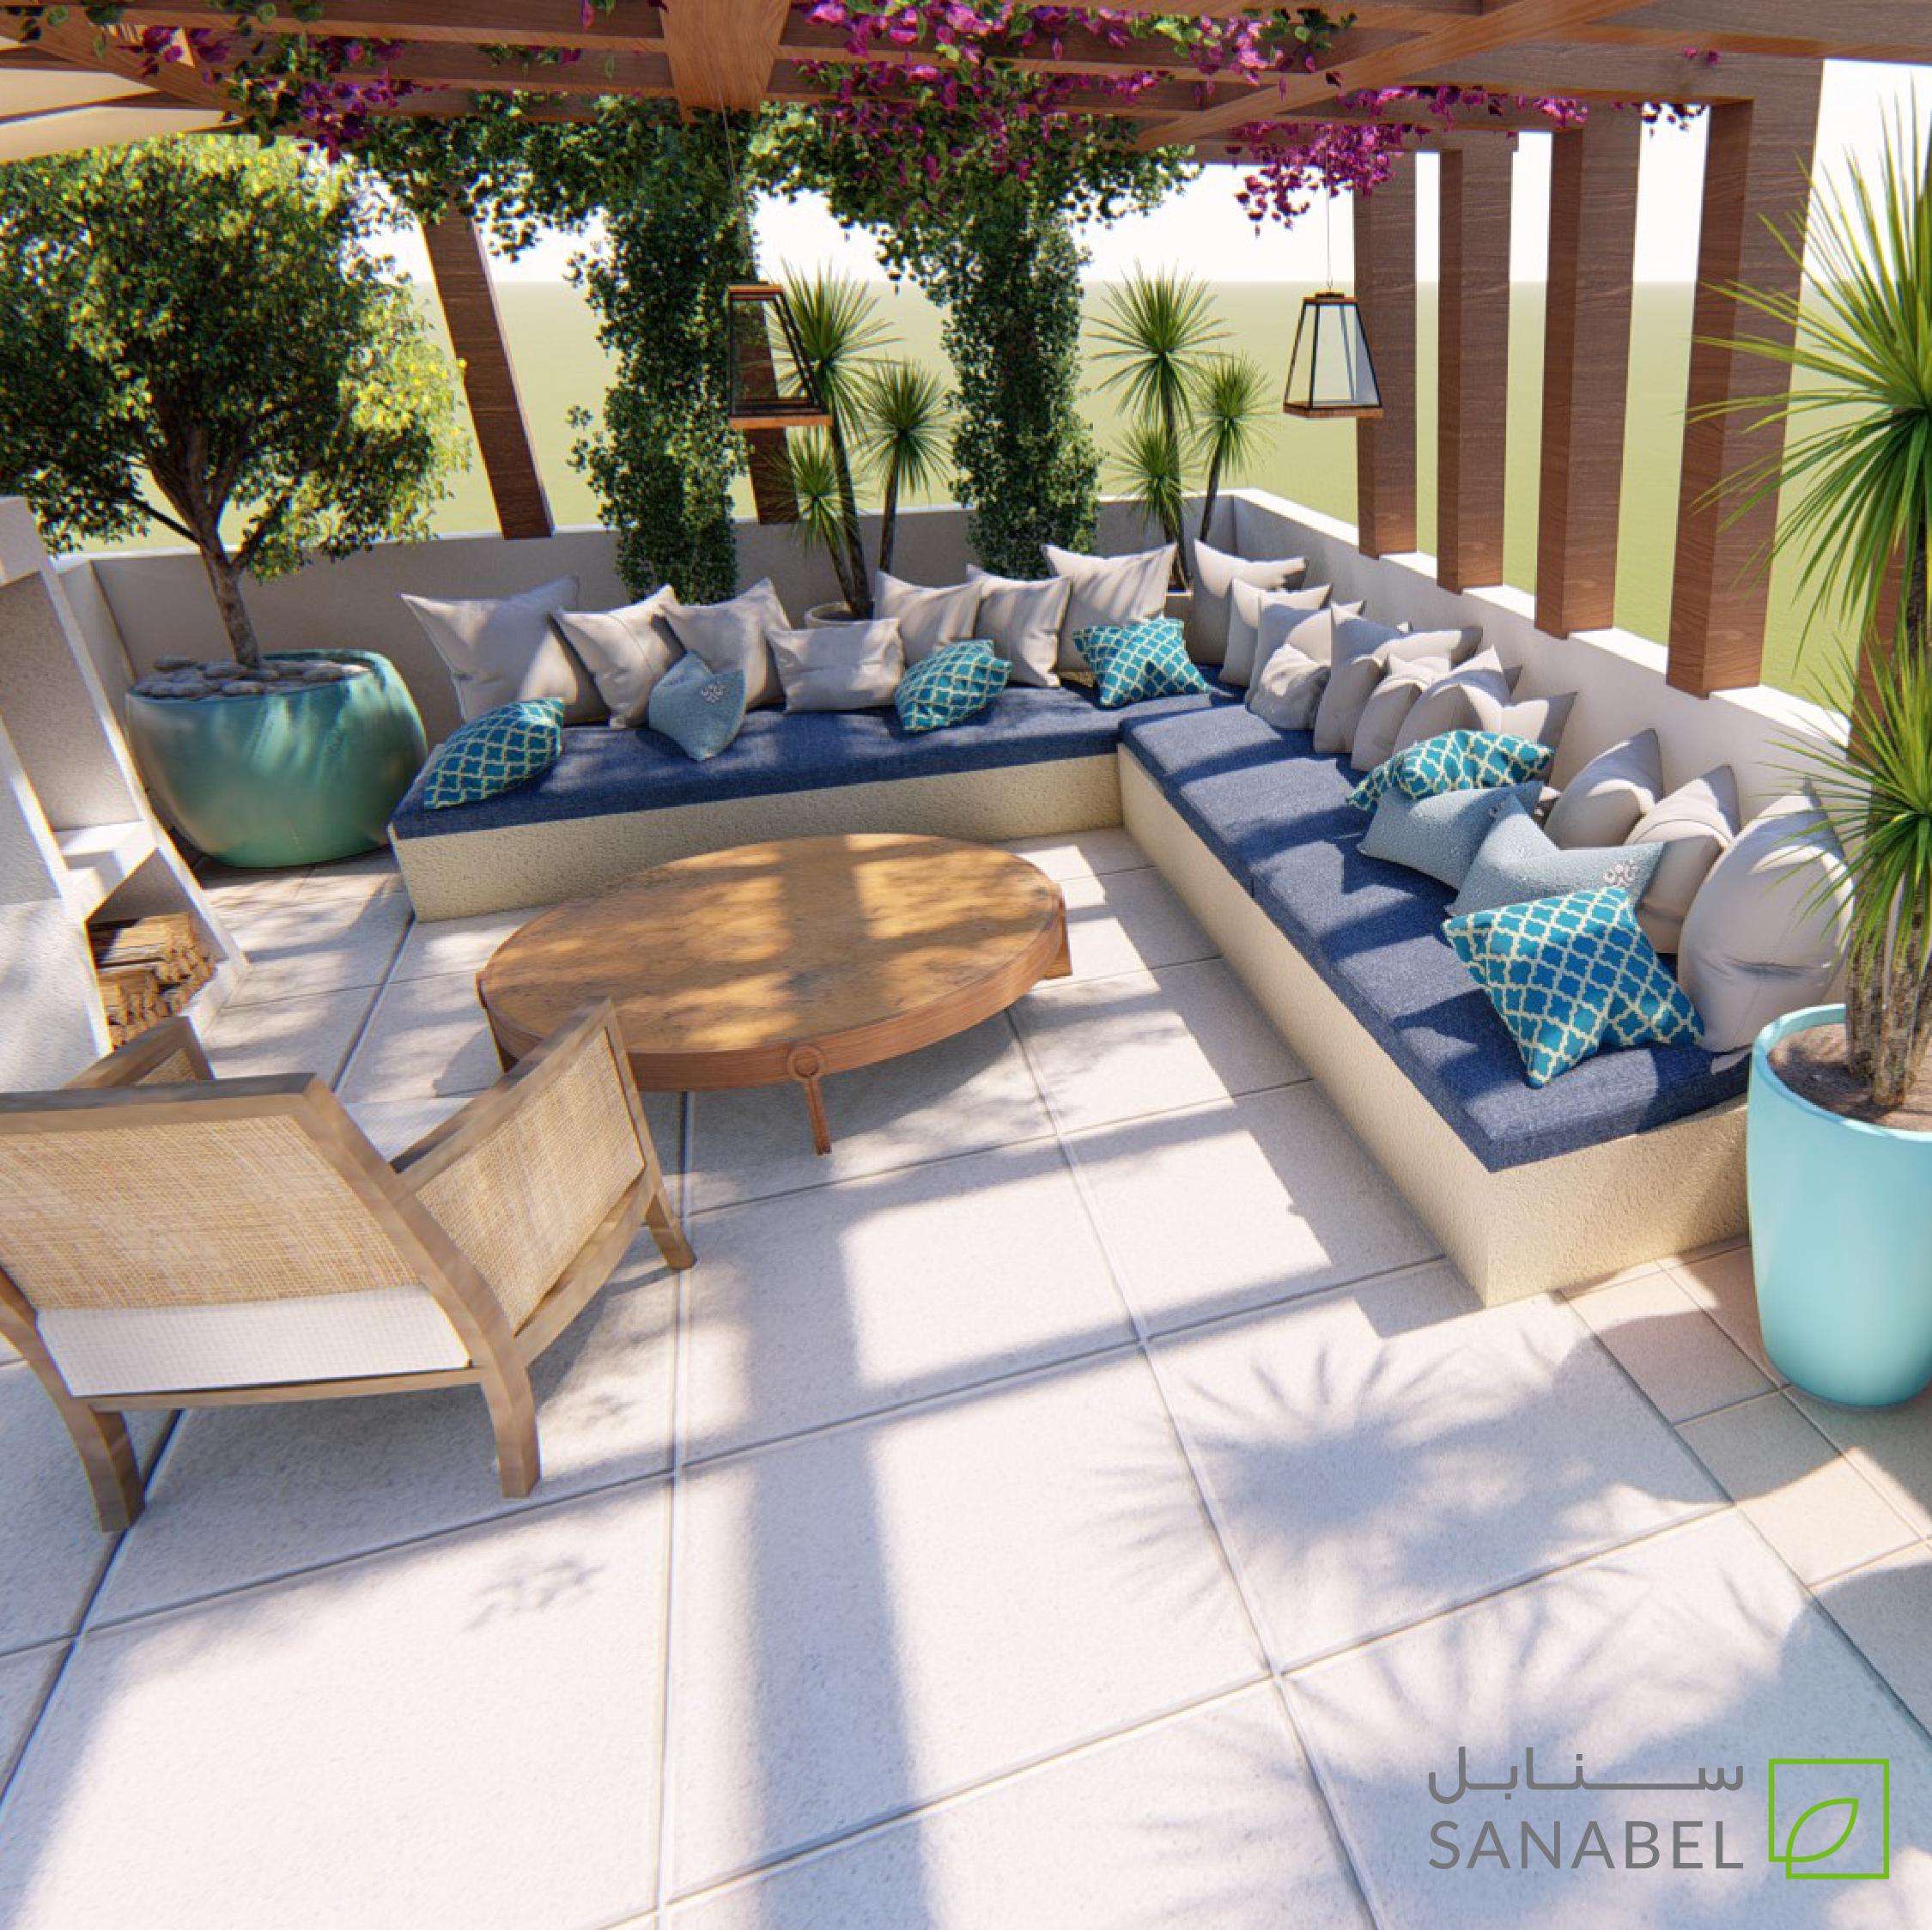 من خدمات التصميم والاستشارة لسنابل هو تصميم الأثاث الخارجي لحديقتك تصميم وتوزيع الأثاث بطريقة مناسبة تسمح بخلق مساحات مت Outdoor Decor Outdoor Furniture Patio